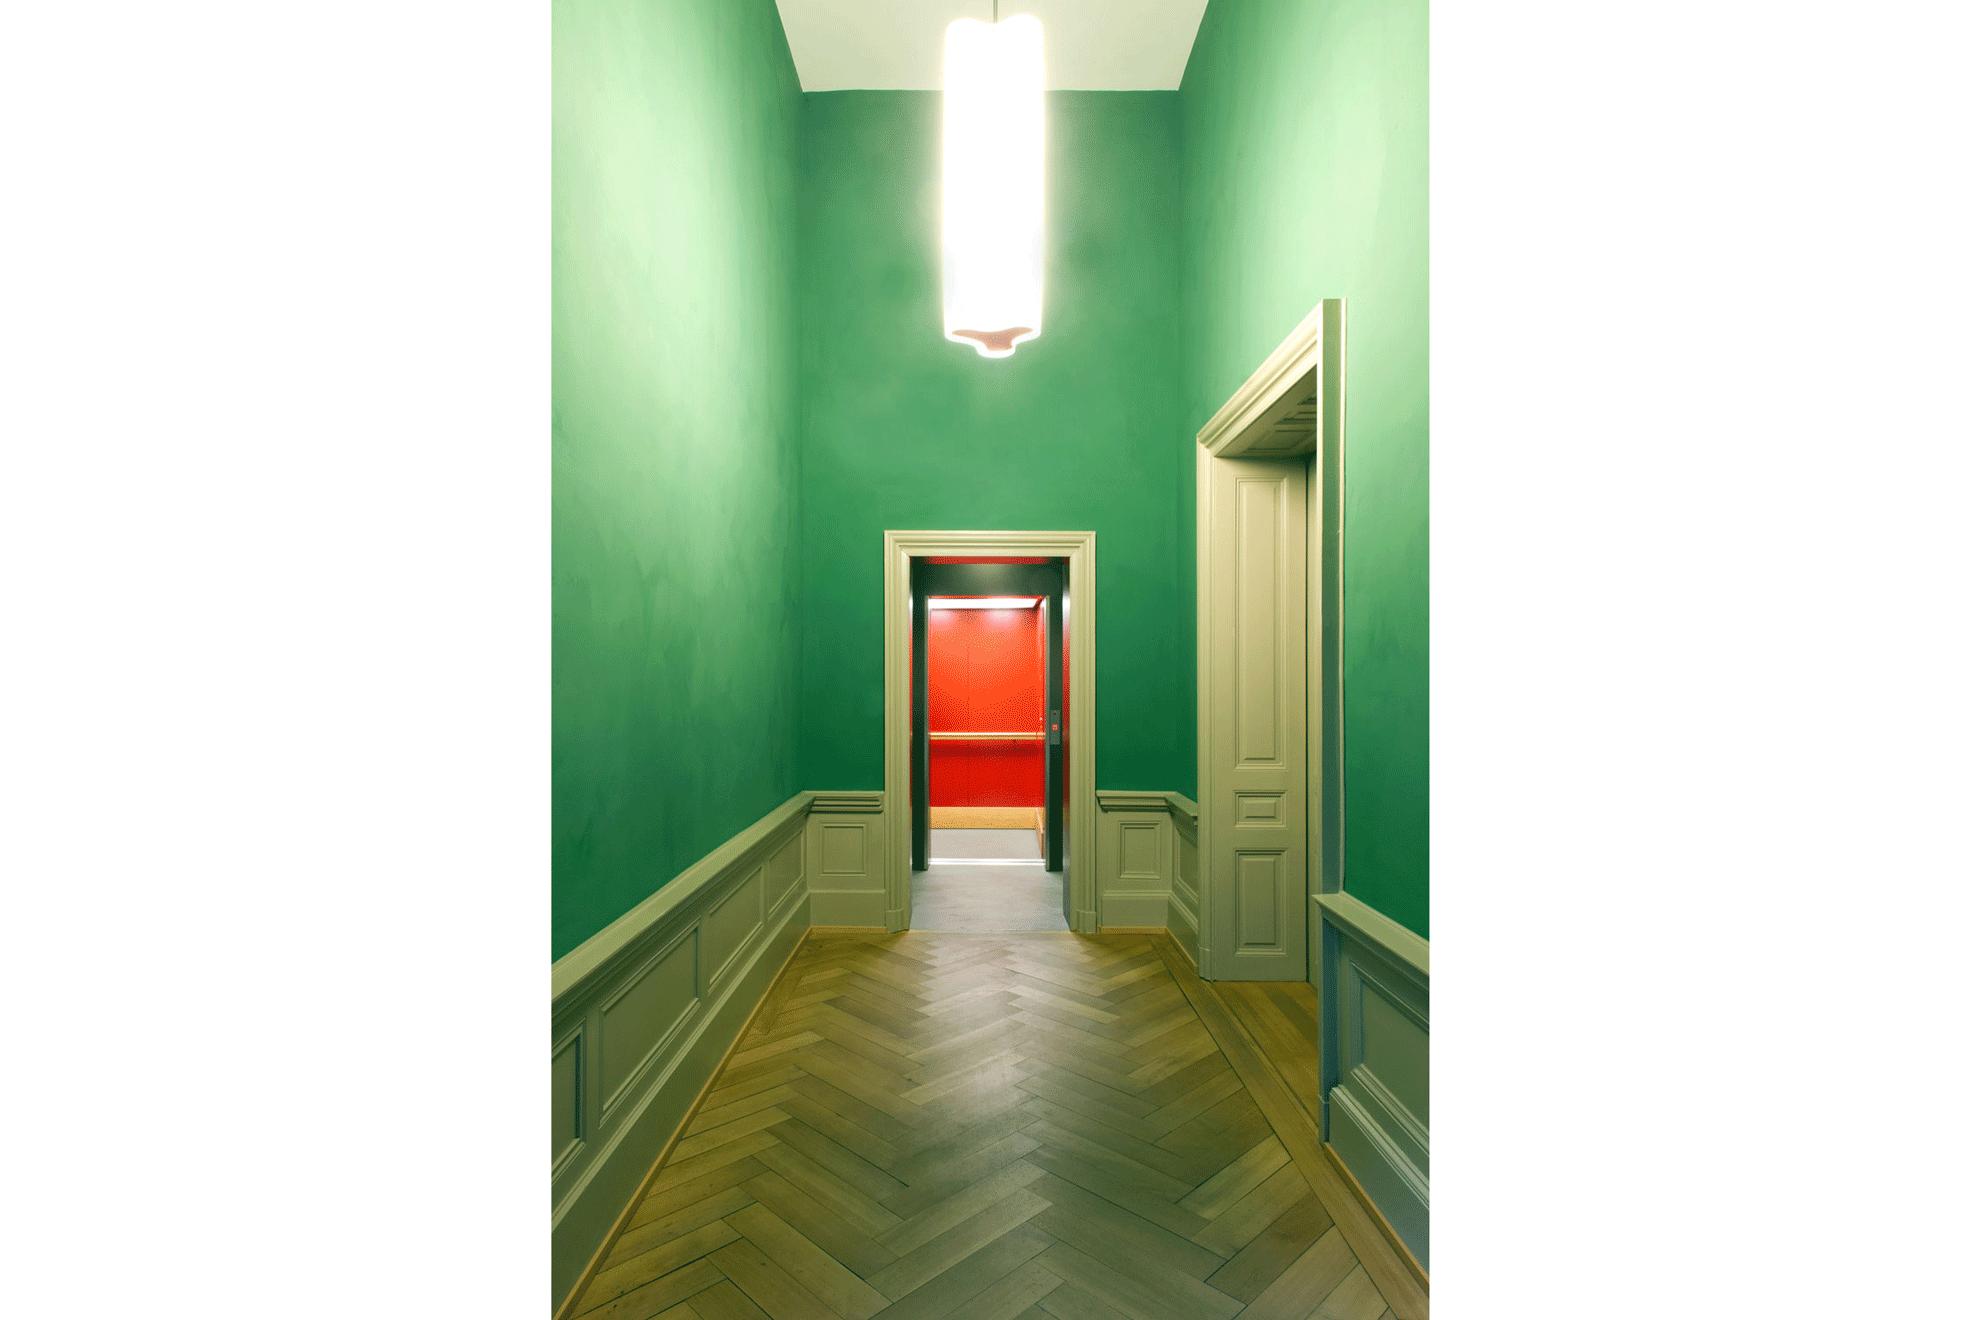 dekorative-Technikbezirksgebaeude2-h3zu2